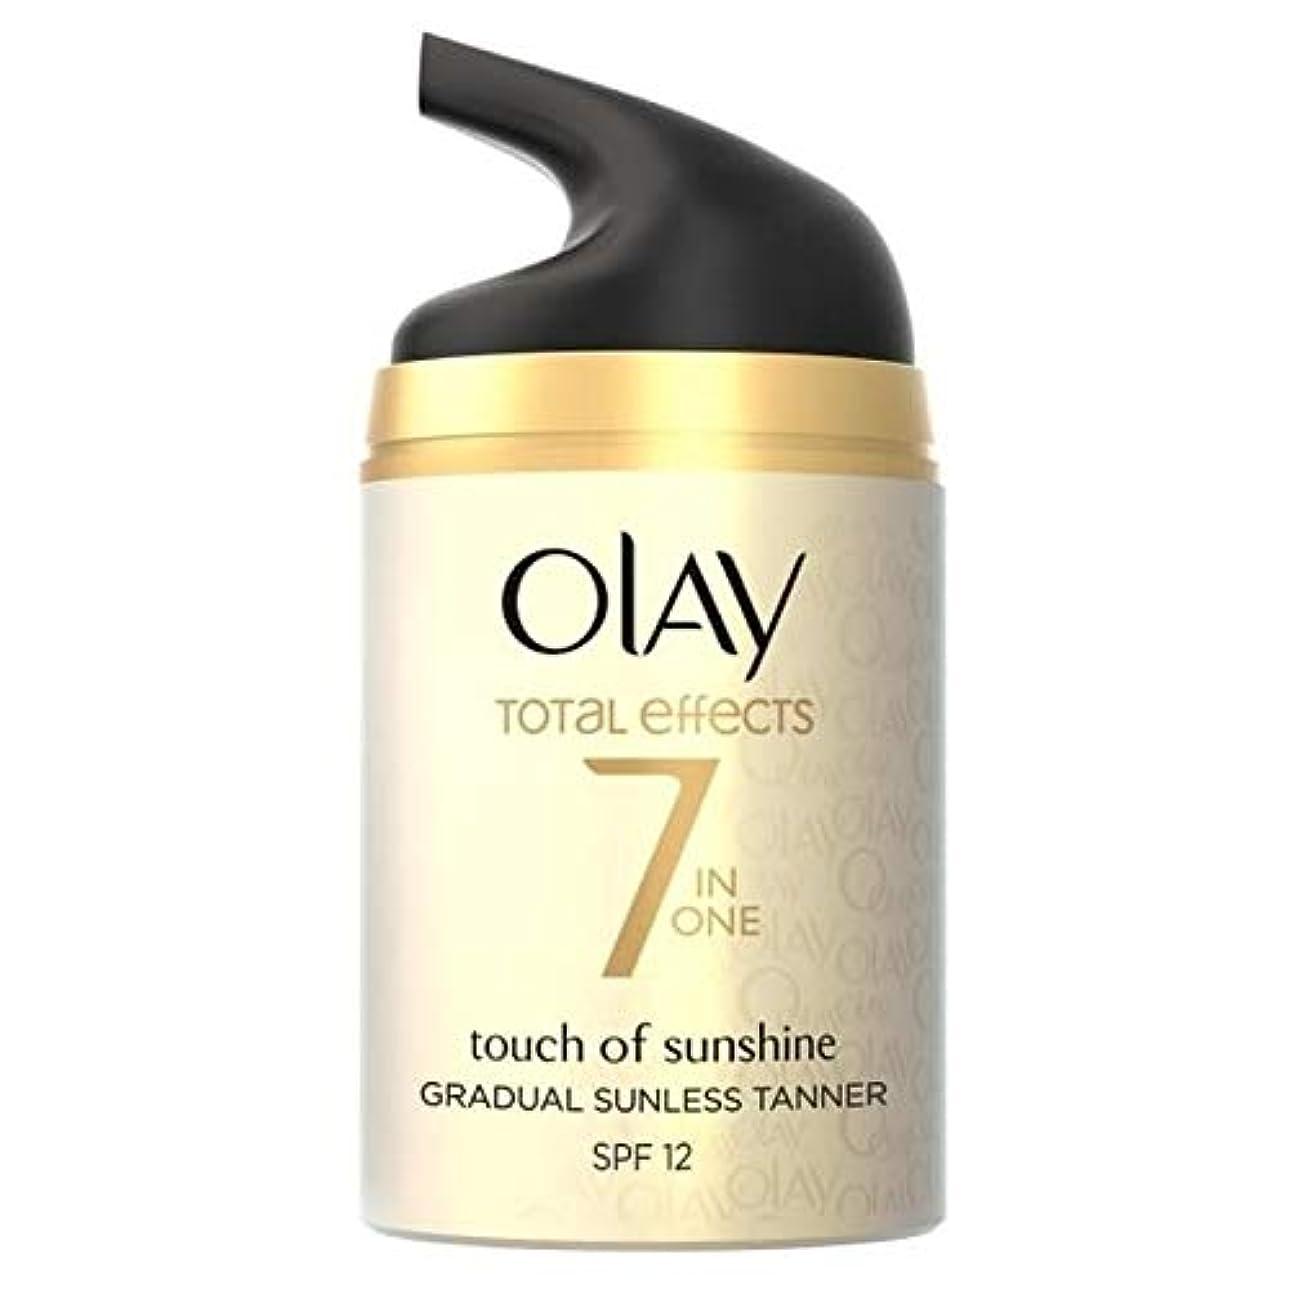 寝具なのでラジカル[Olay ] 日照保湿50ミリリットルの総効果の7In1のタッチ - Total Effects 7in1 Touch of Sunshine Moisturiser 50ml [並行輸入品]